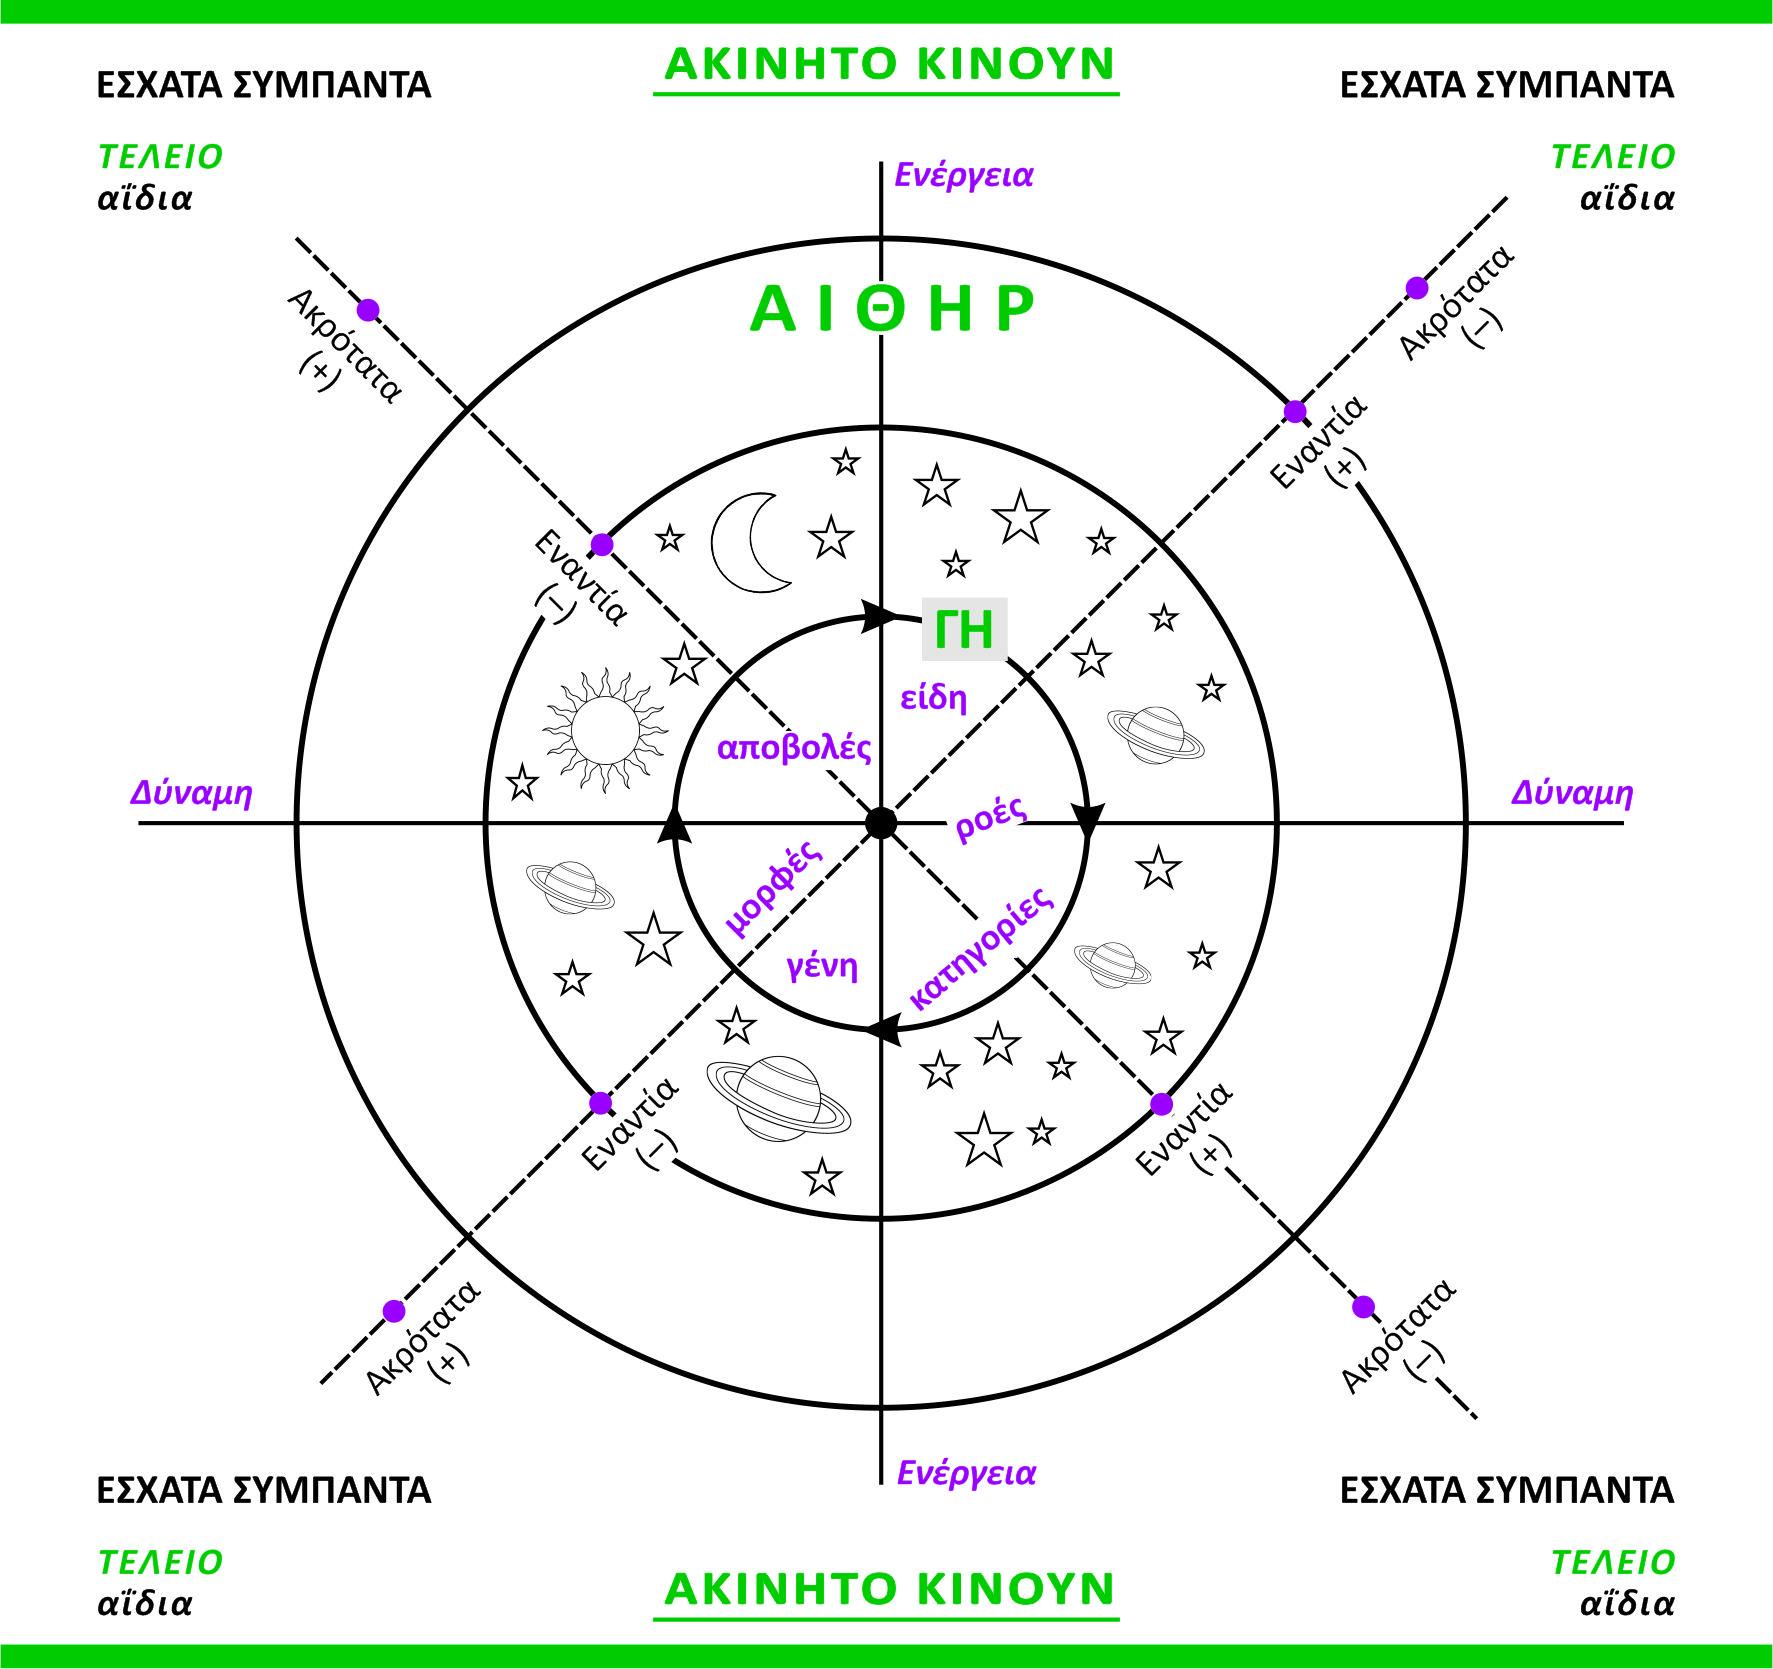 ΕΞΏΦΥΛΛΟ Αριστοτελικό σύμπαν σχήμα